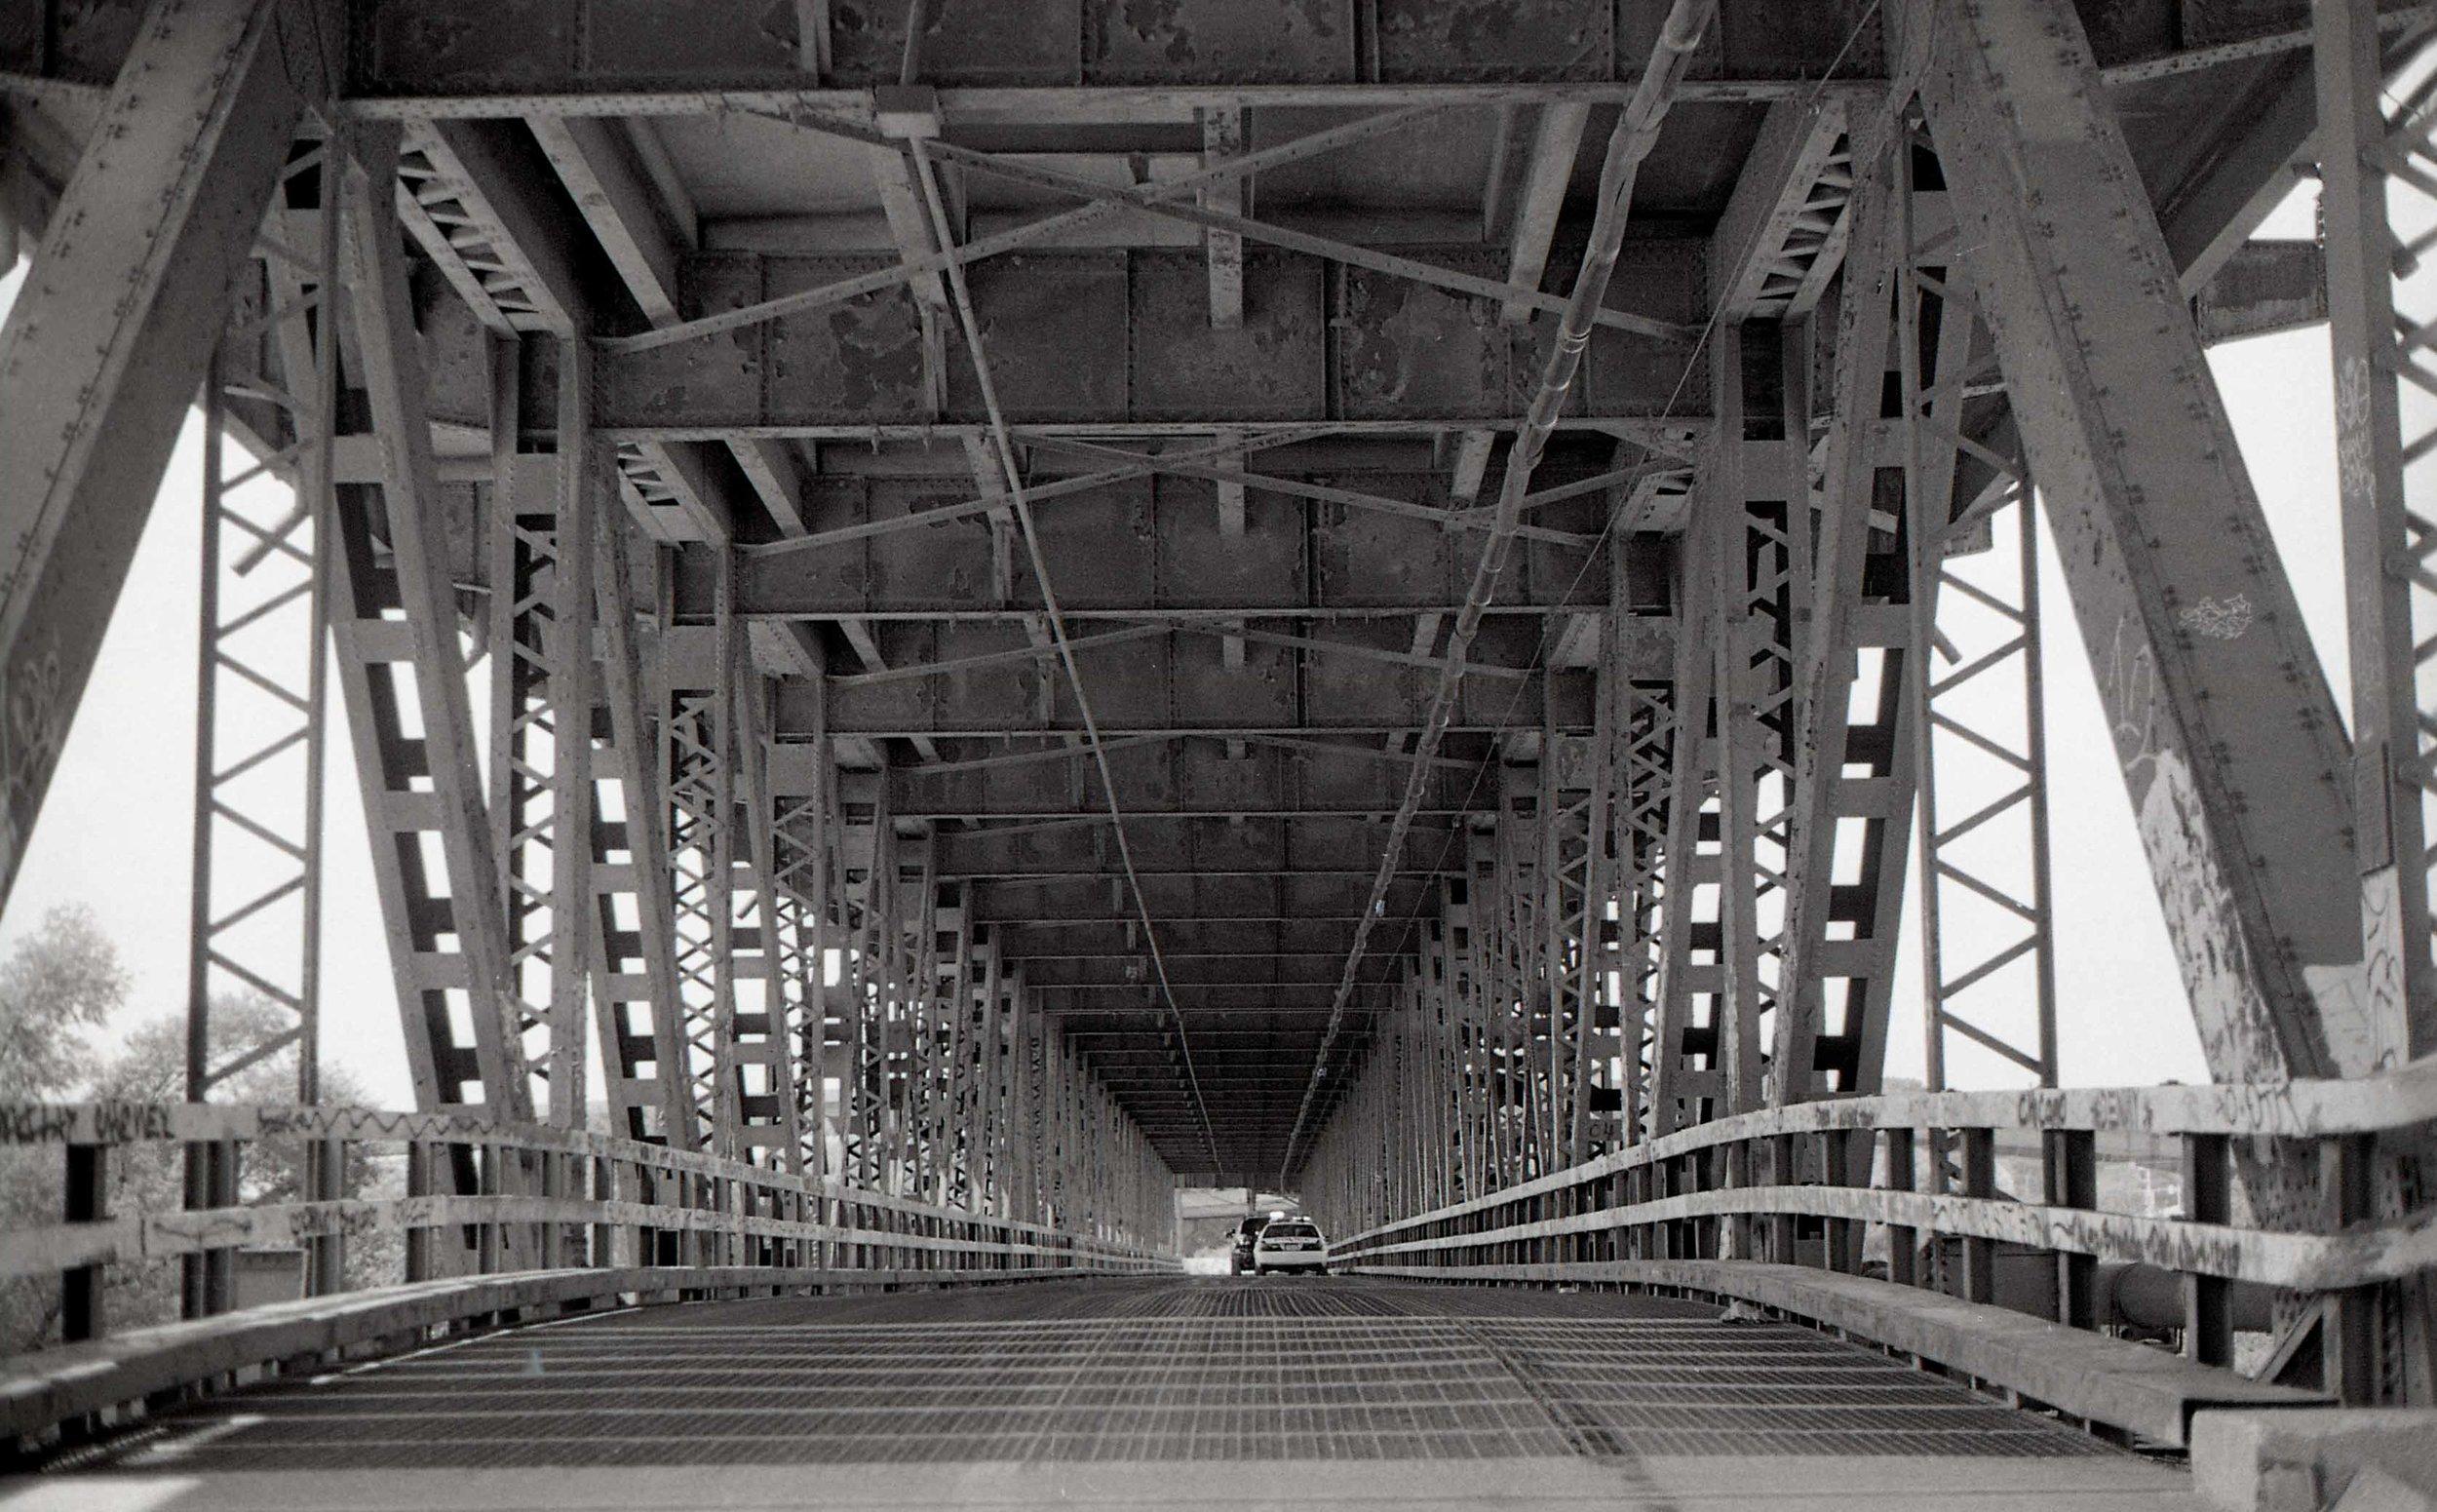 cop-on-bridge.jpg